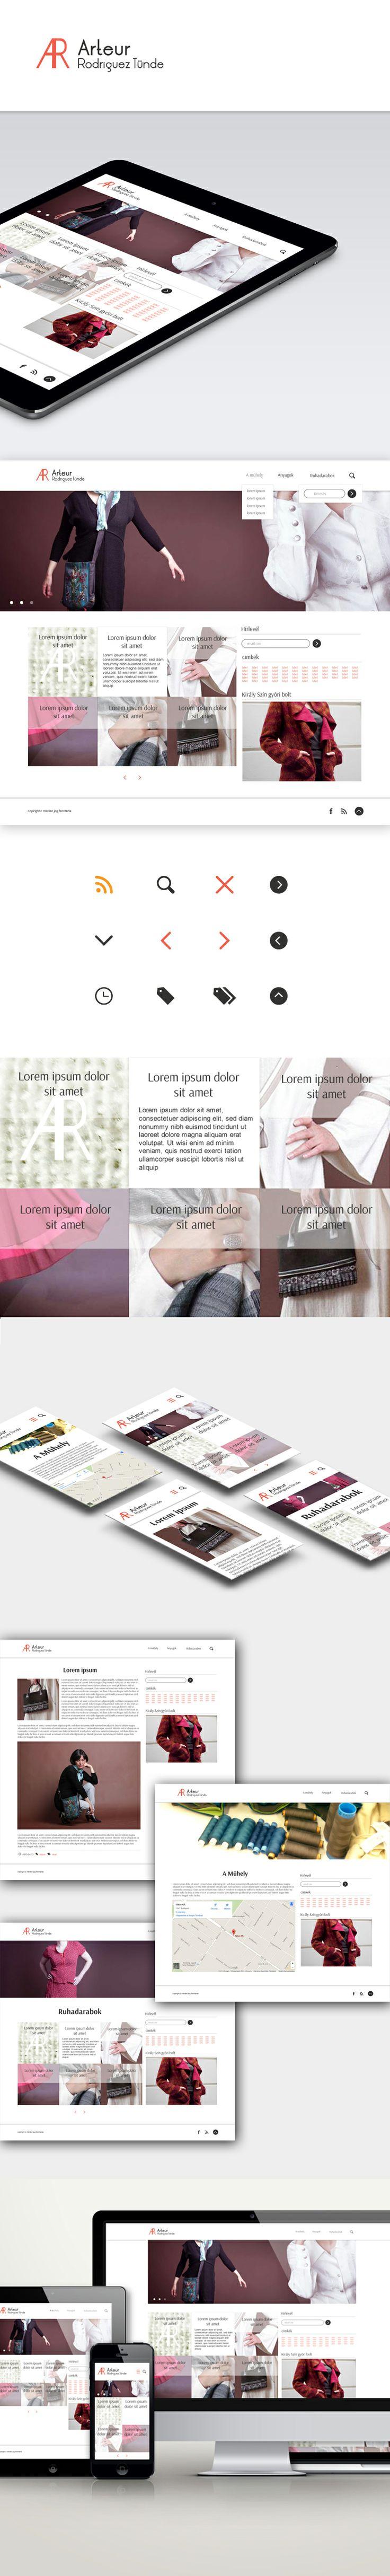 Arteur responsive redesign view online: http://www.arteur.hu/